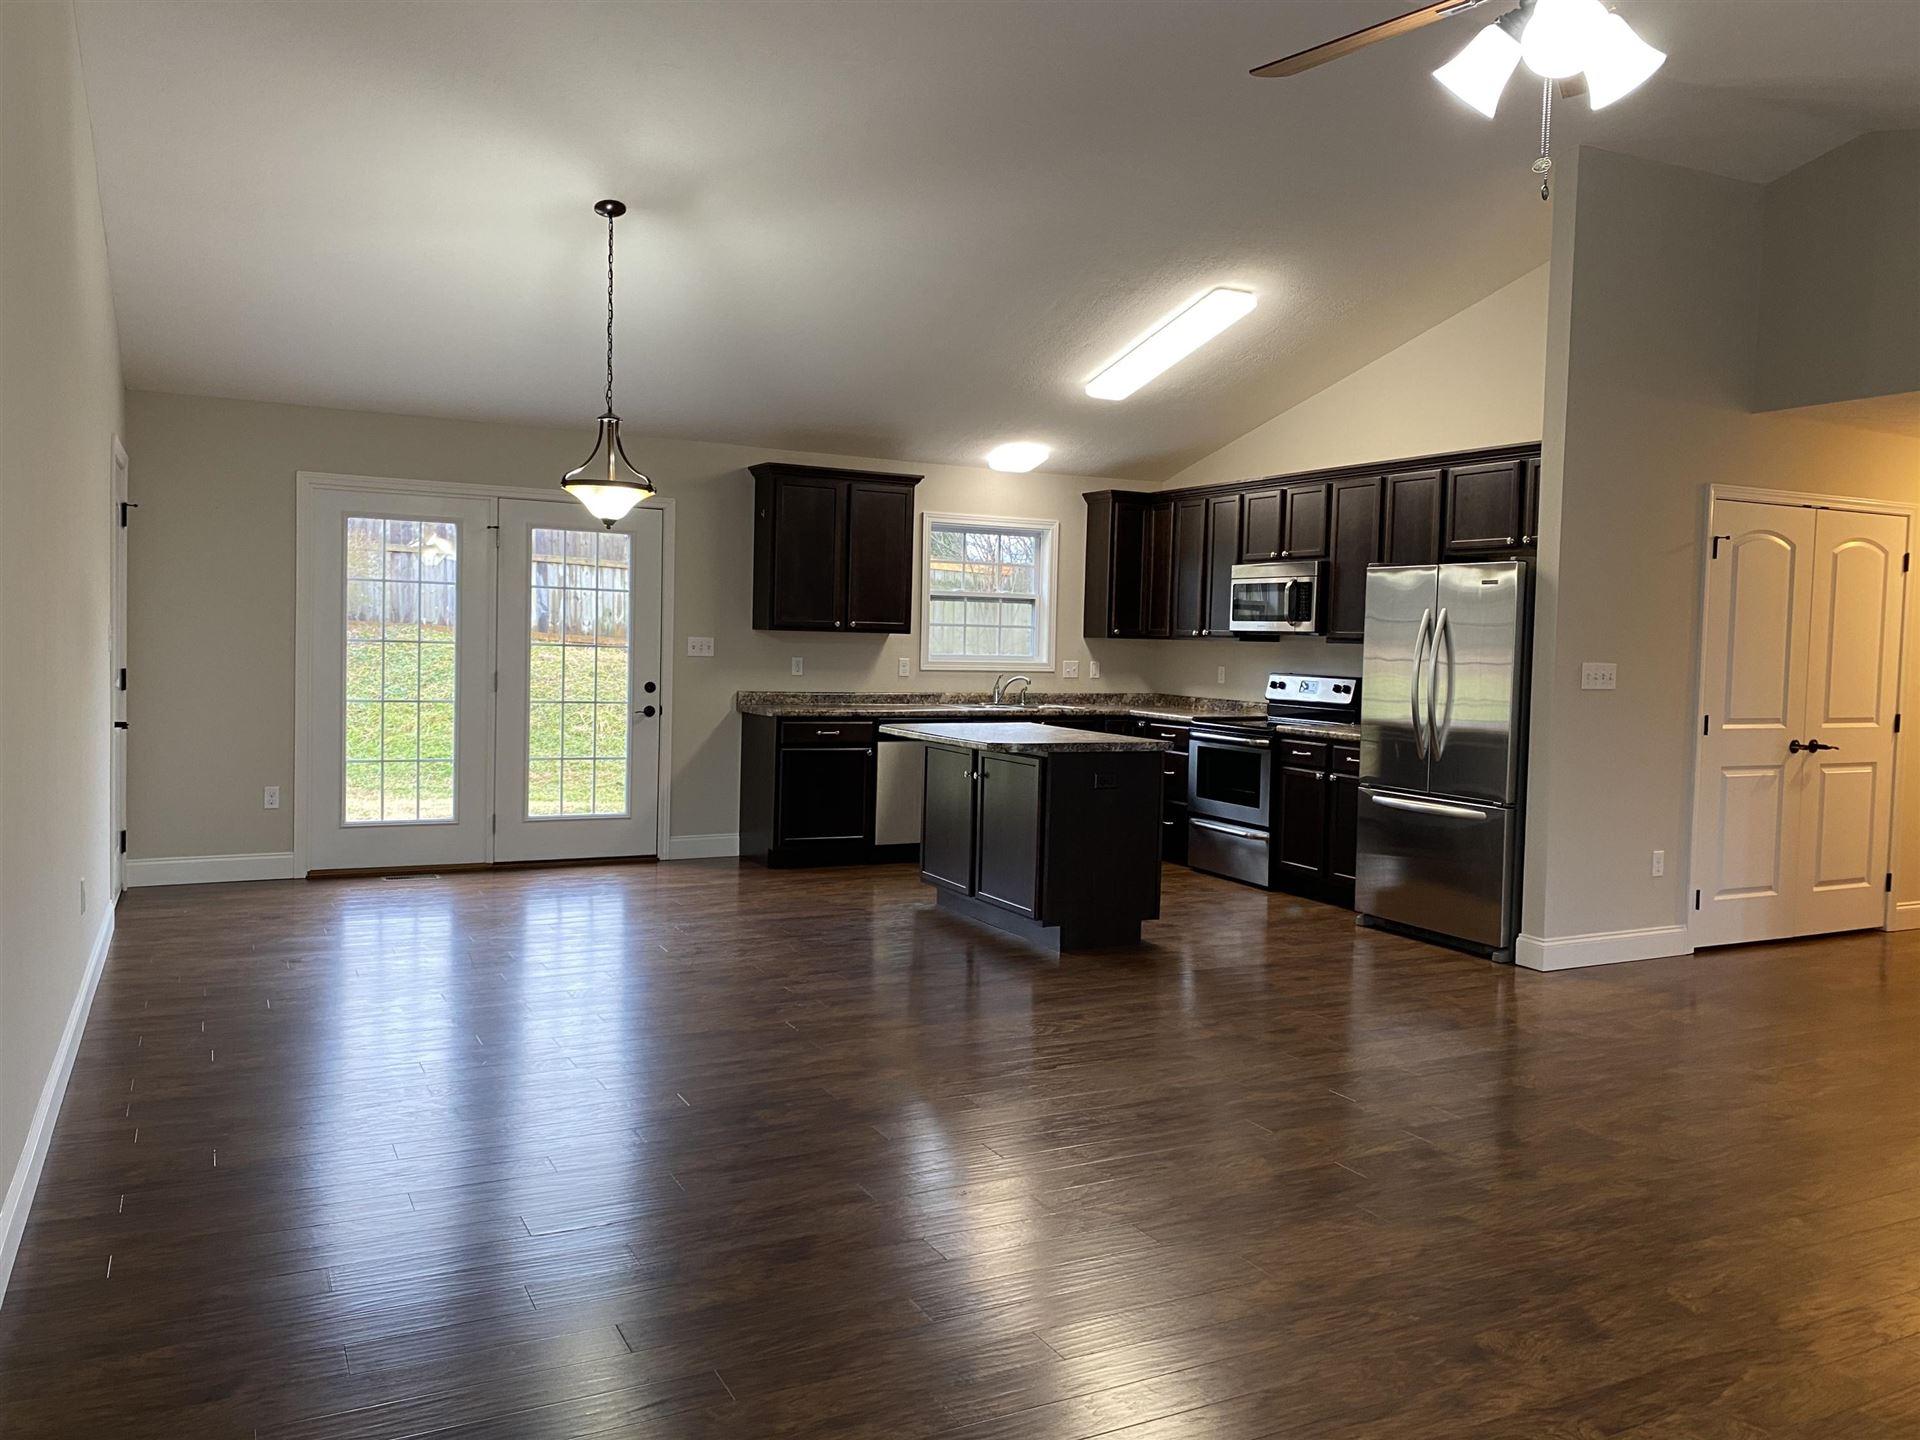 Photo of 1617 El Prado Drive, Knoxville, TN 37922 (MLS # 1140036)